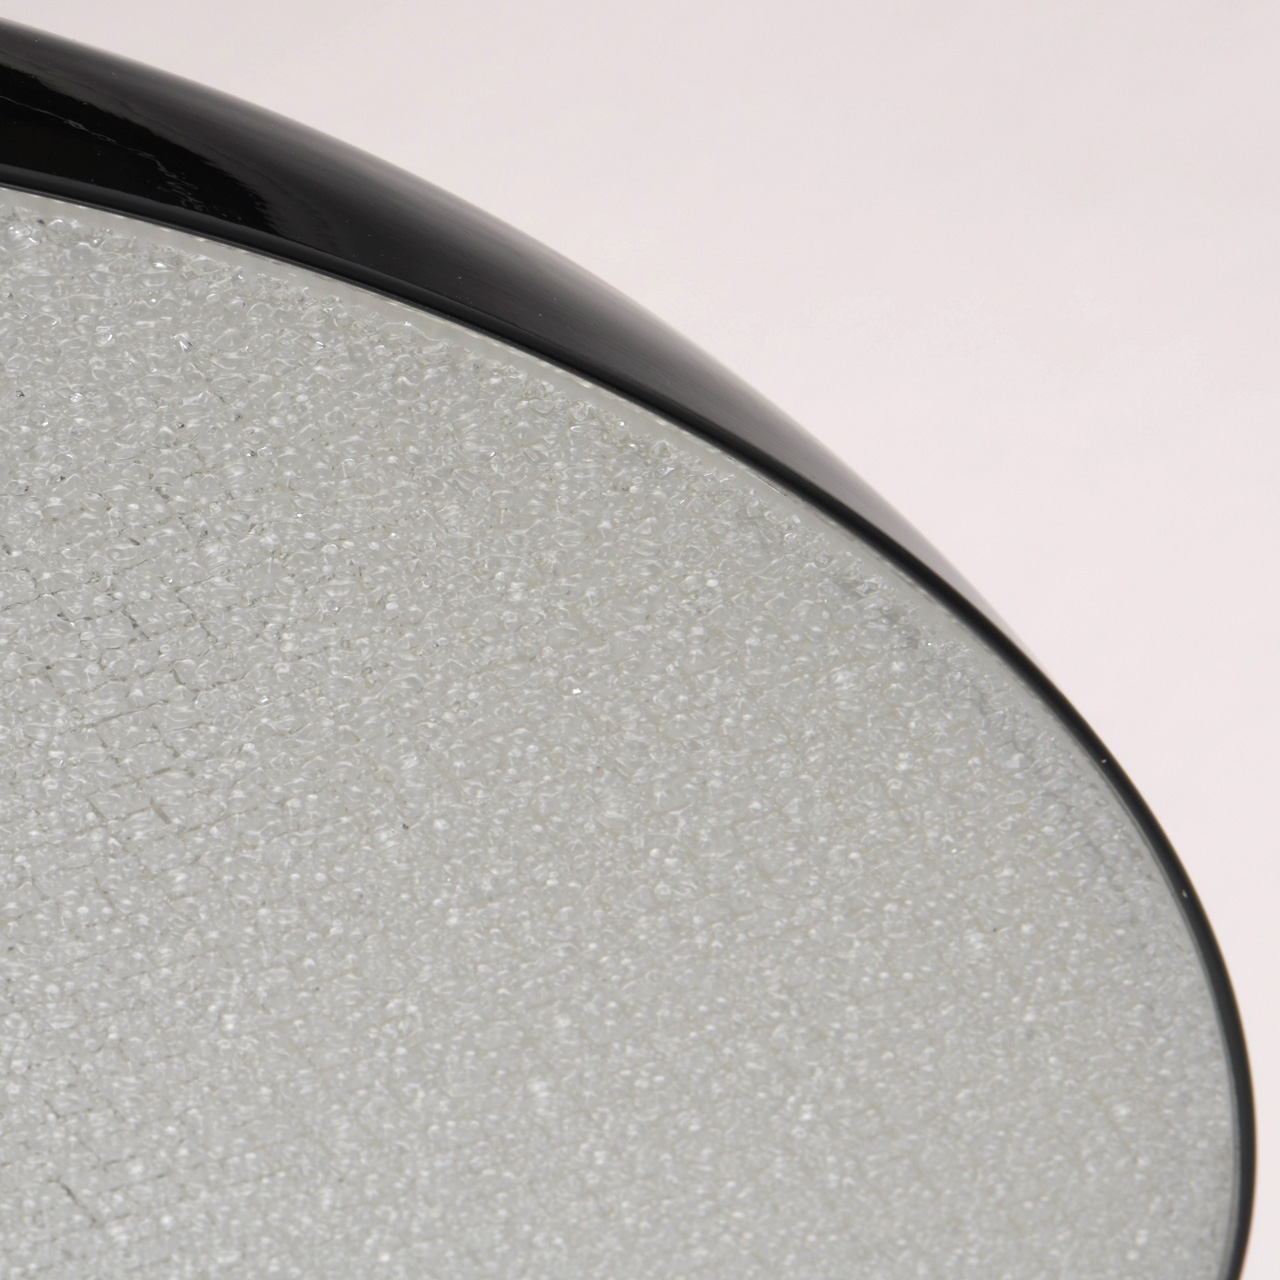 Потолочный светильник MW-Light Канапе 708010609, 9xE27x10W, черный, матовый, металл, стекло - фото 7